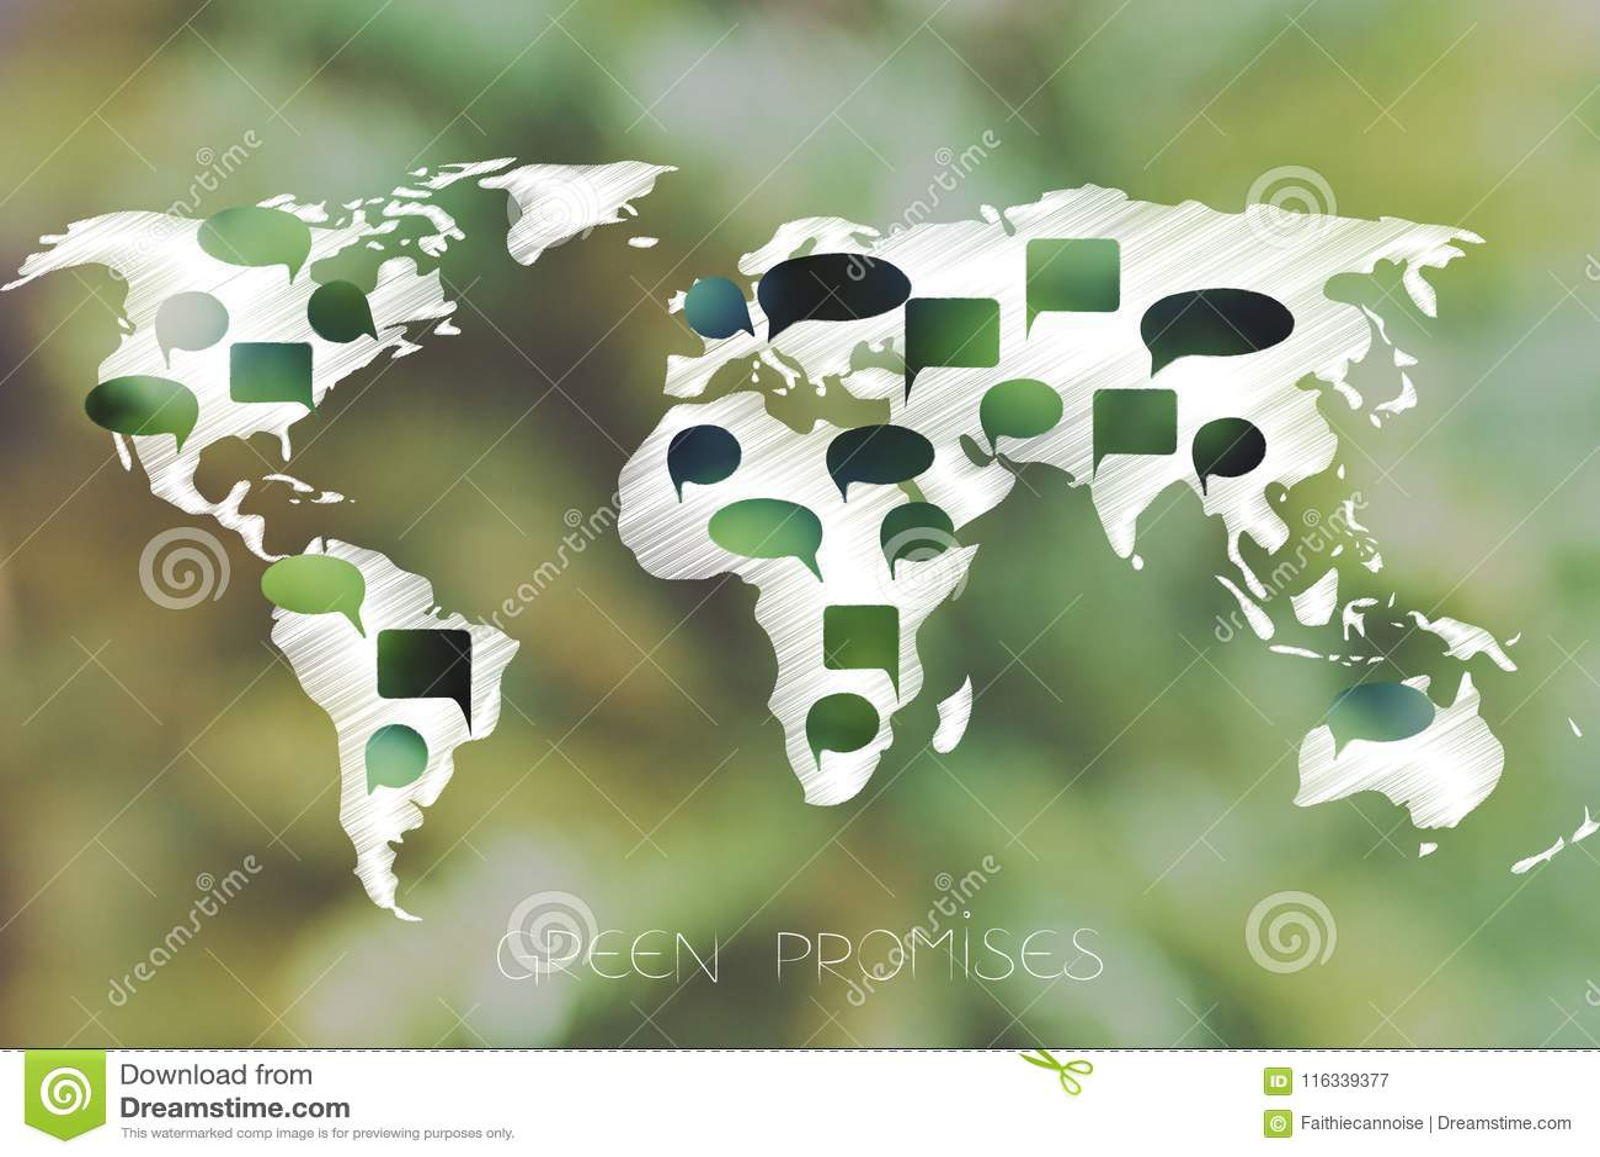 与绿色讲话的世界地图起泡代表环境